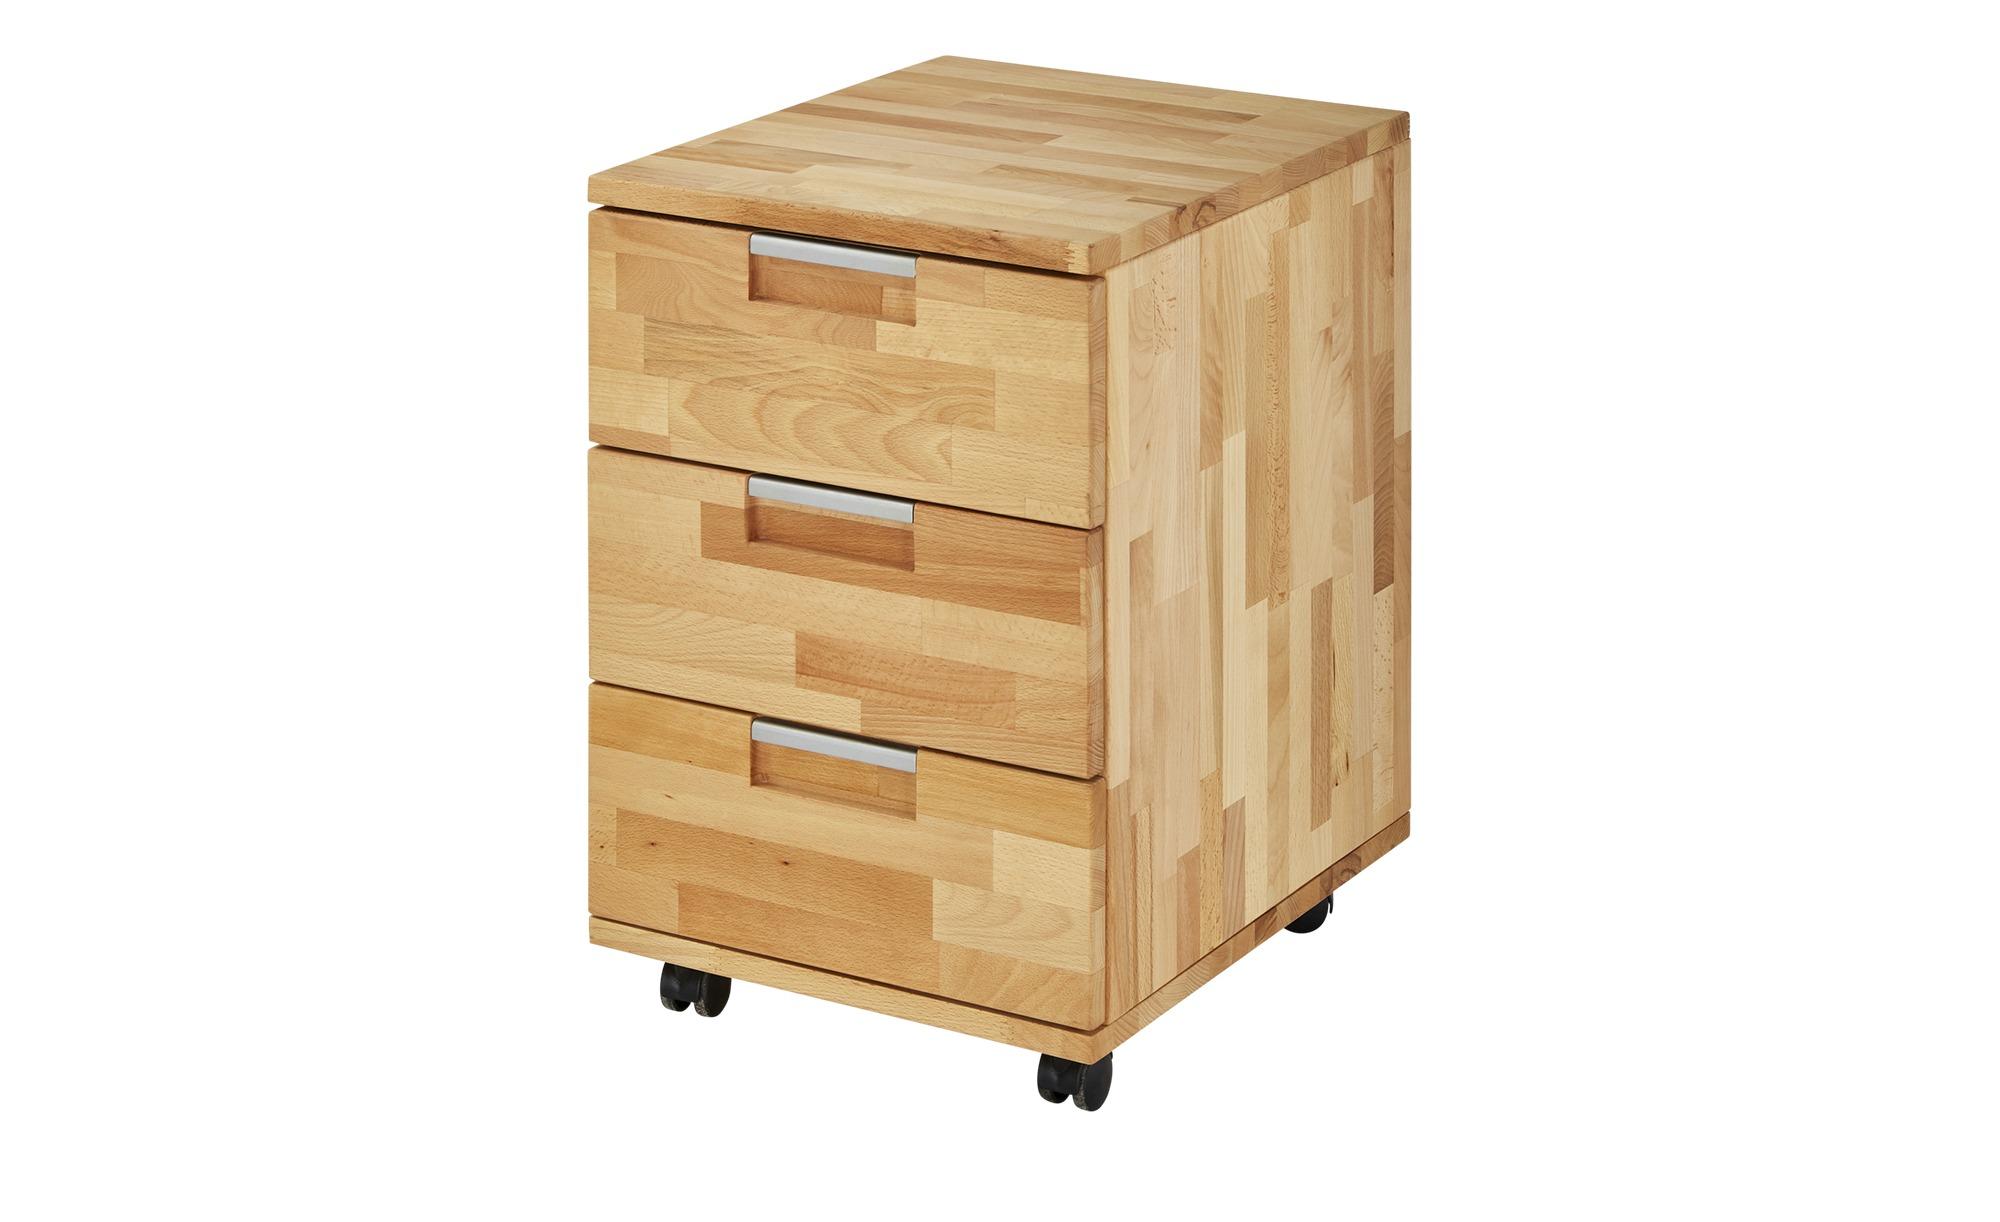 Rollcontainer  Mittwitz 2 ¦ holzfarben ¦ Maße (cm): B: 38,5 H: 59 T: 46,5 Schränke > Rollcontainer - Höffner